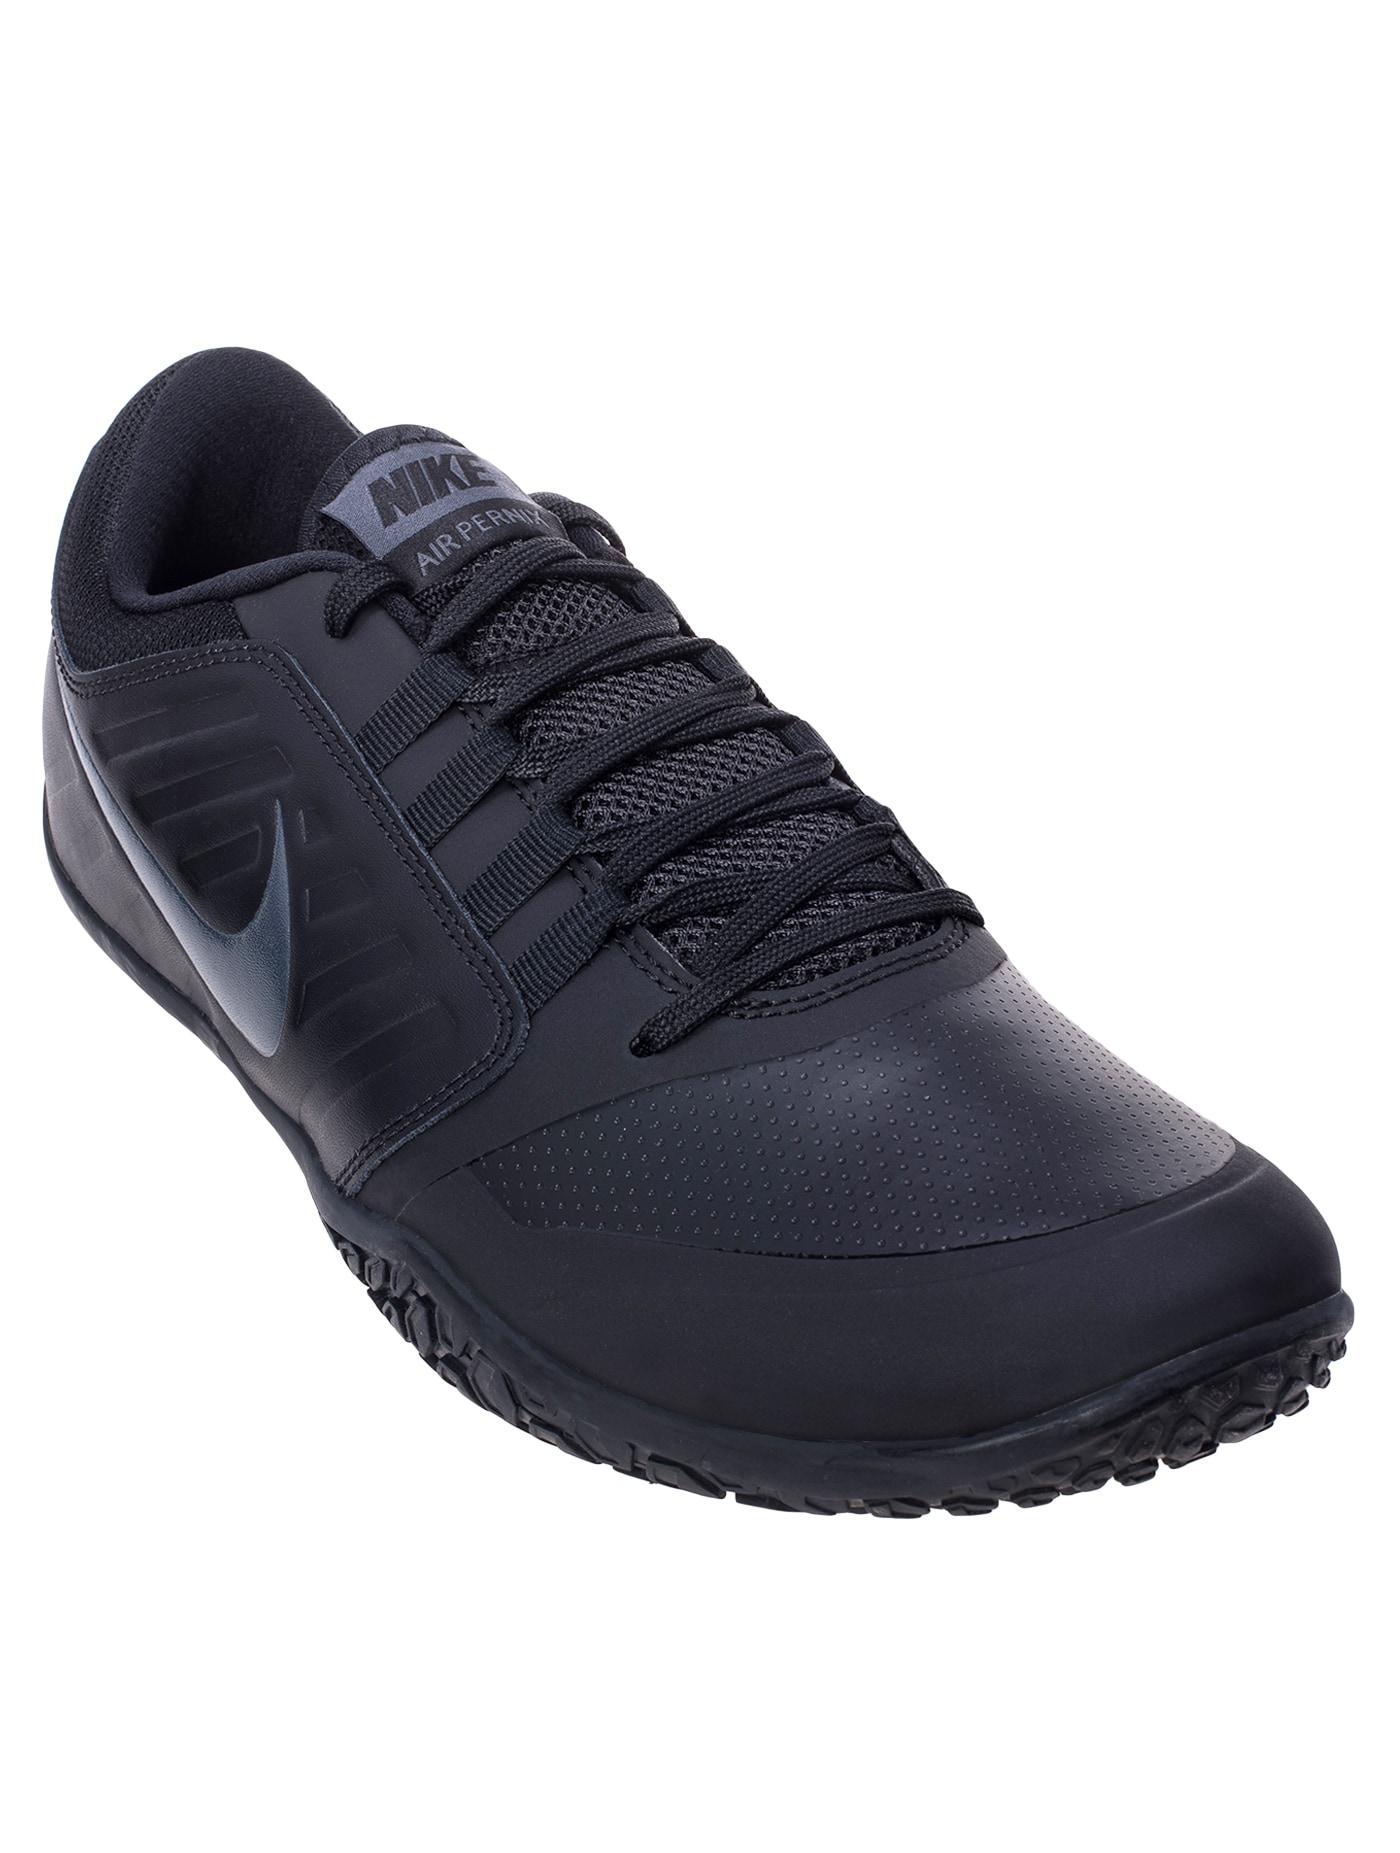 NIKE Men's Training Shoes Air Pernix Low Top 818970 00